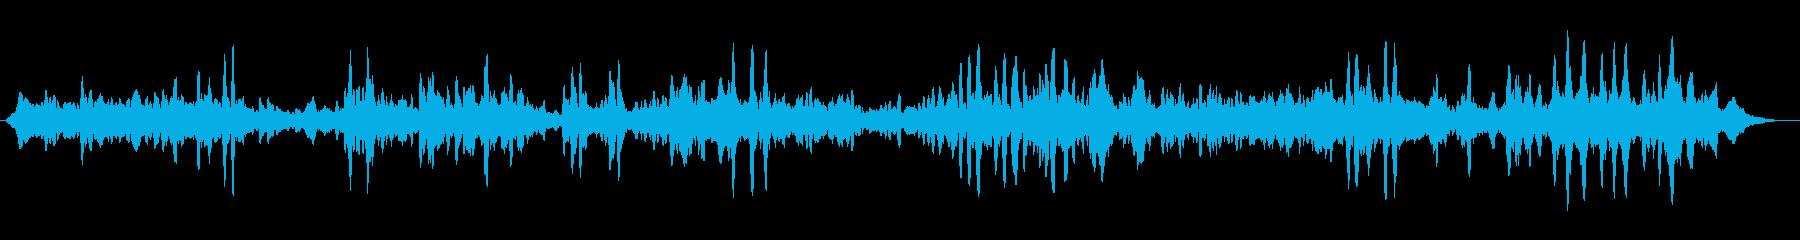 【生】厳格で落ち着いたチェロ独奏曲の定番の再生済みの波形